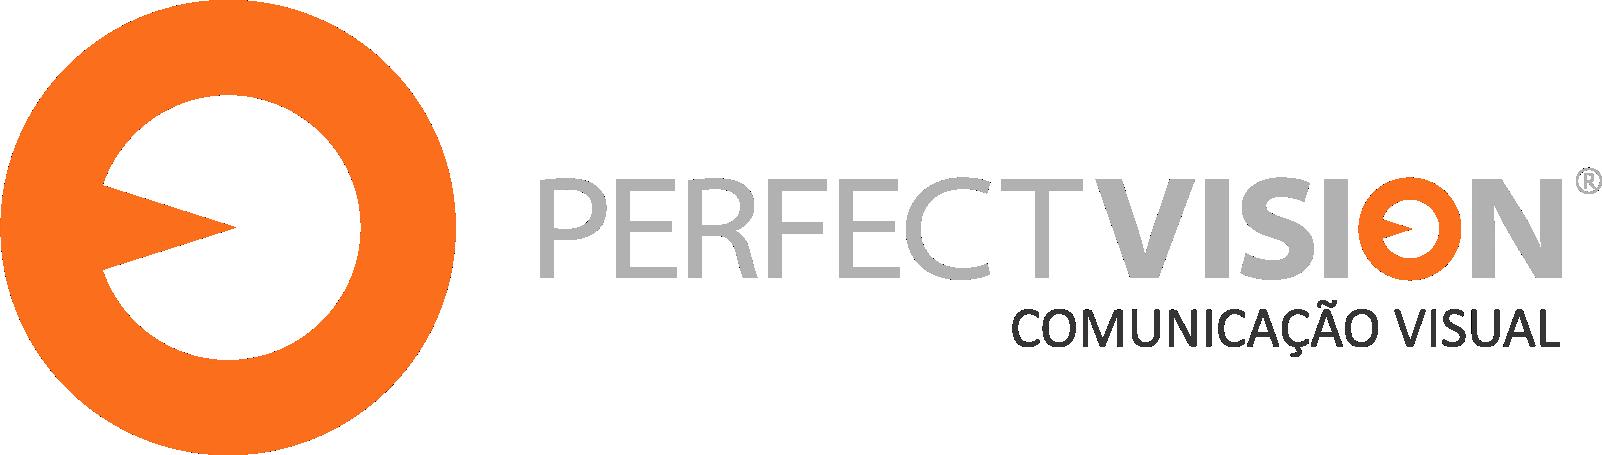 Comunicação Visual - Perfect Vision